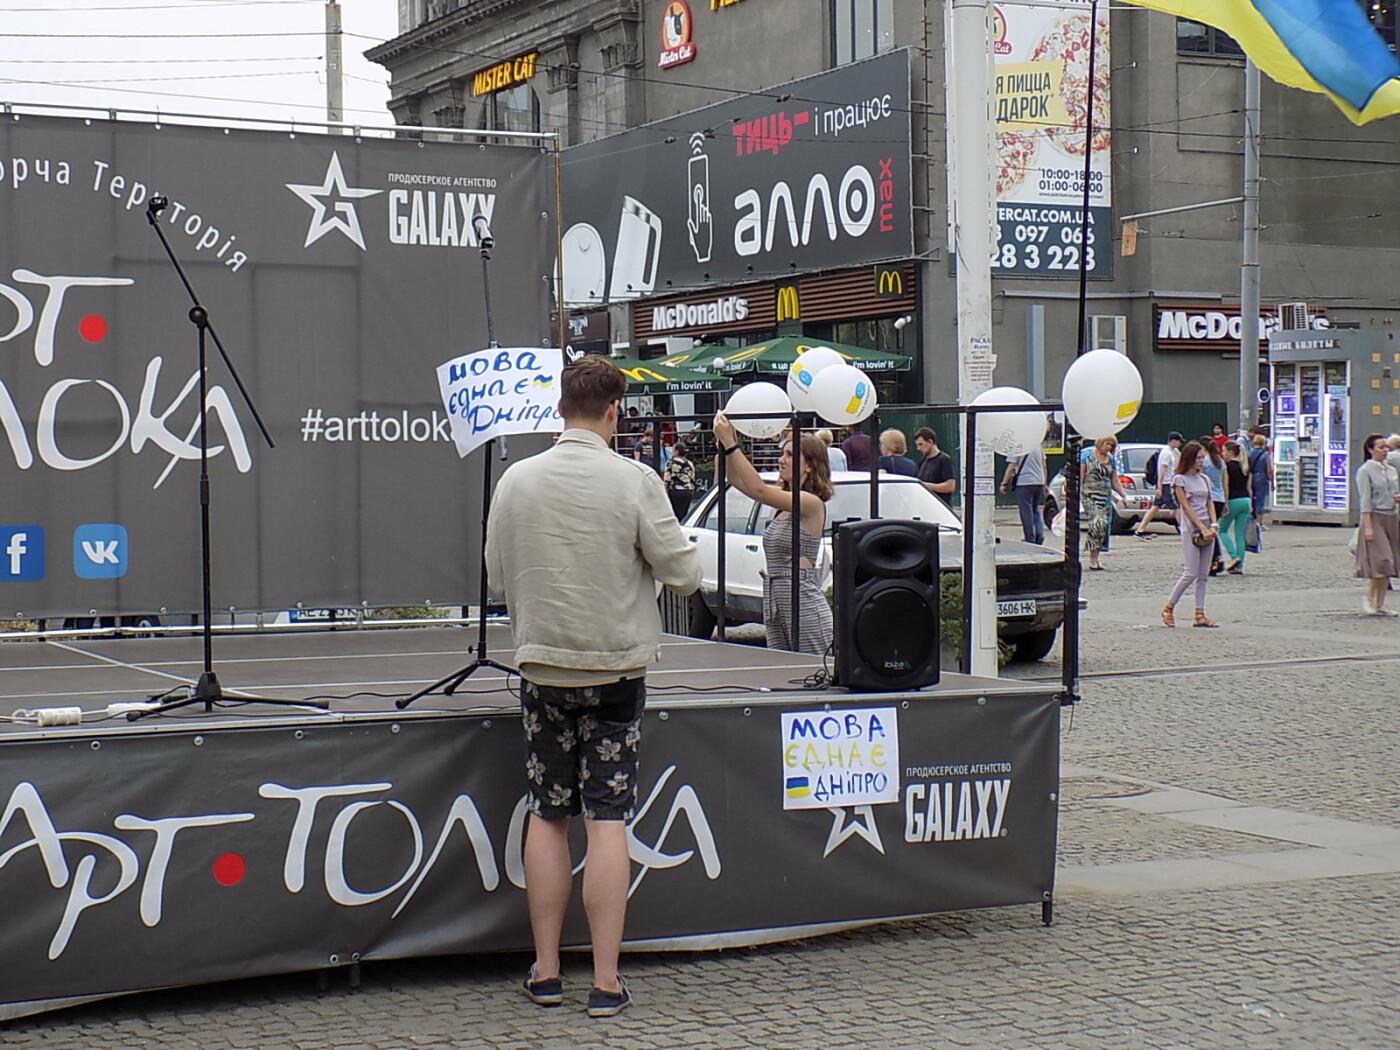 """""""Мова єднає Дніпро"""" - в центре города прошла символическая акция с концертом и подарками, - ФОТО"""